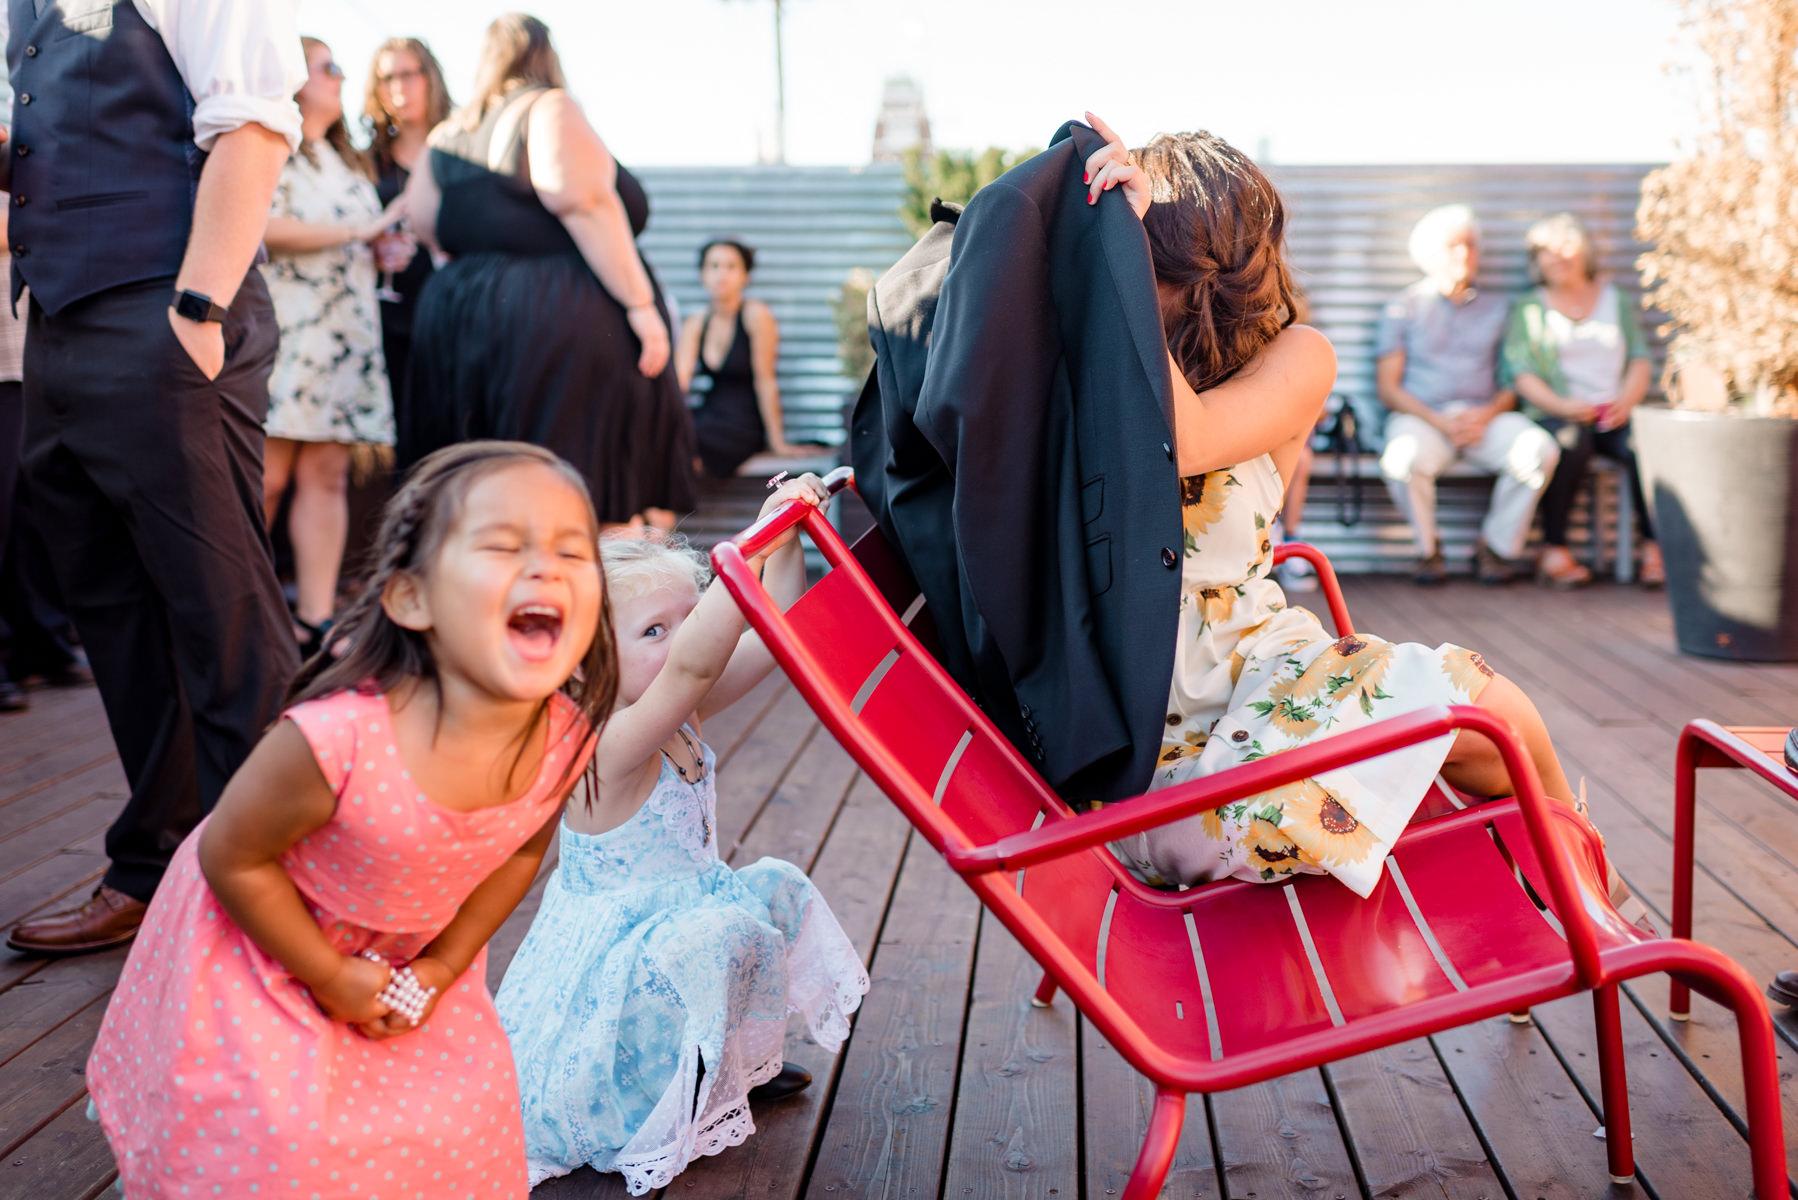 Andrew Tat - Documentary Wedding Photography - WithinSodo - Seattle, Washington -Hilary & Zach - 13.jpg